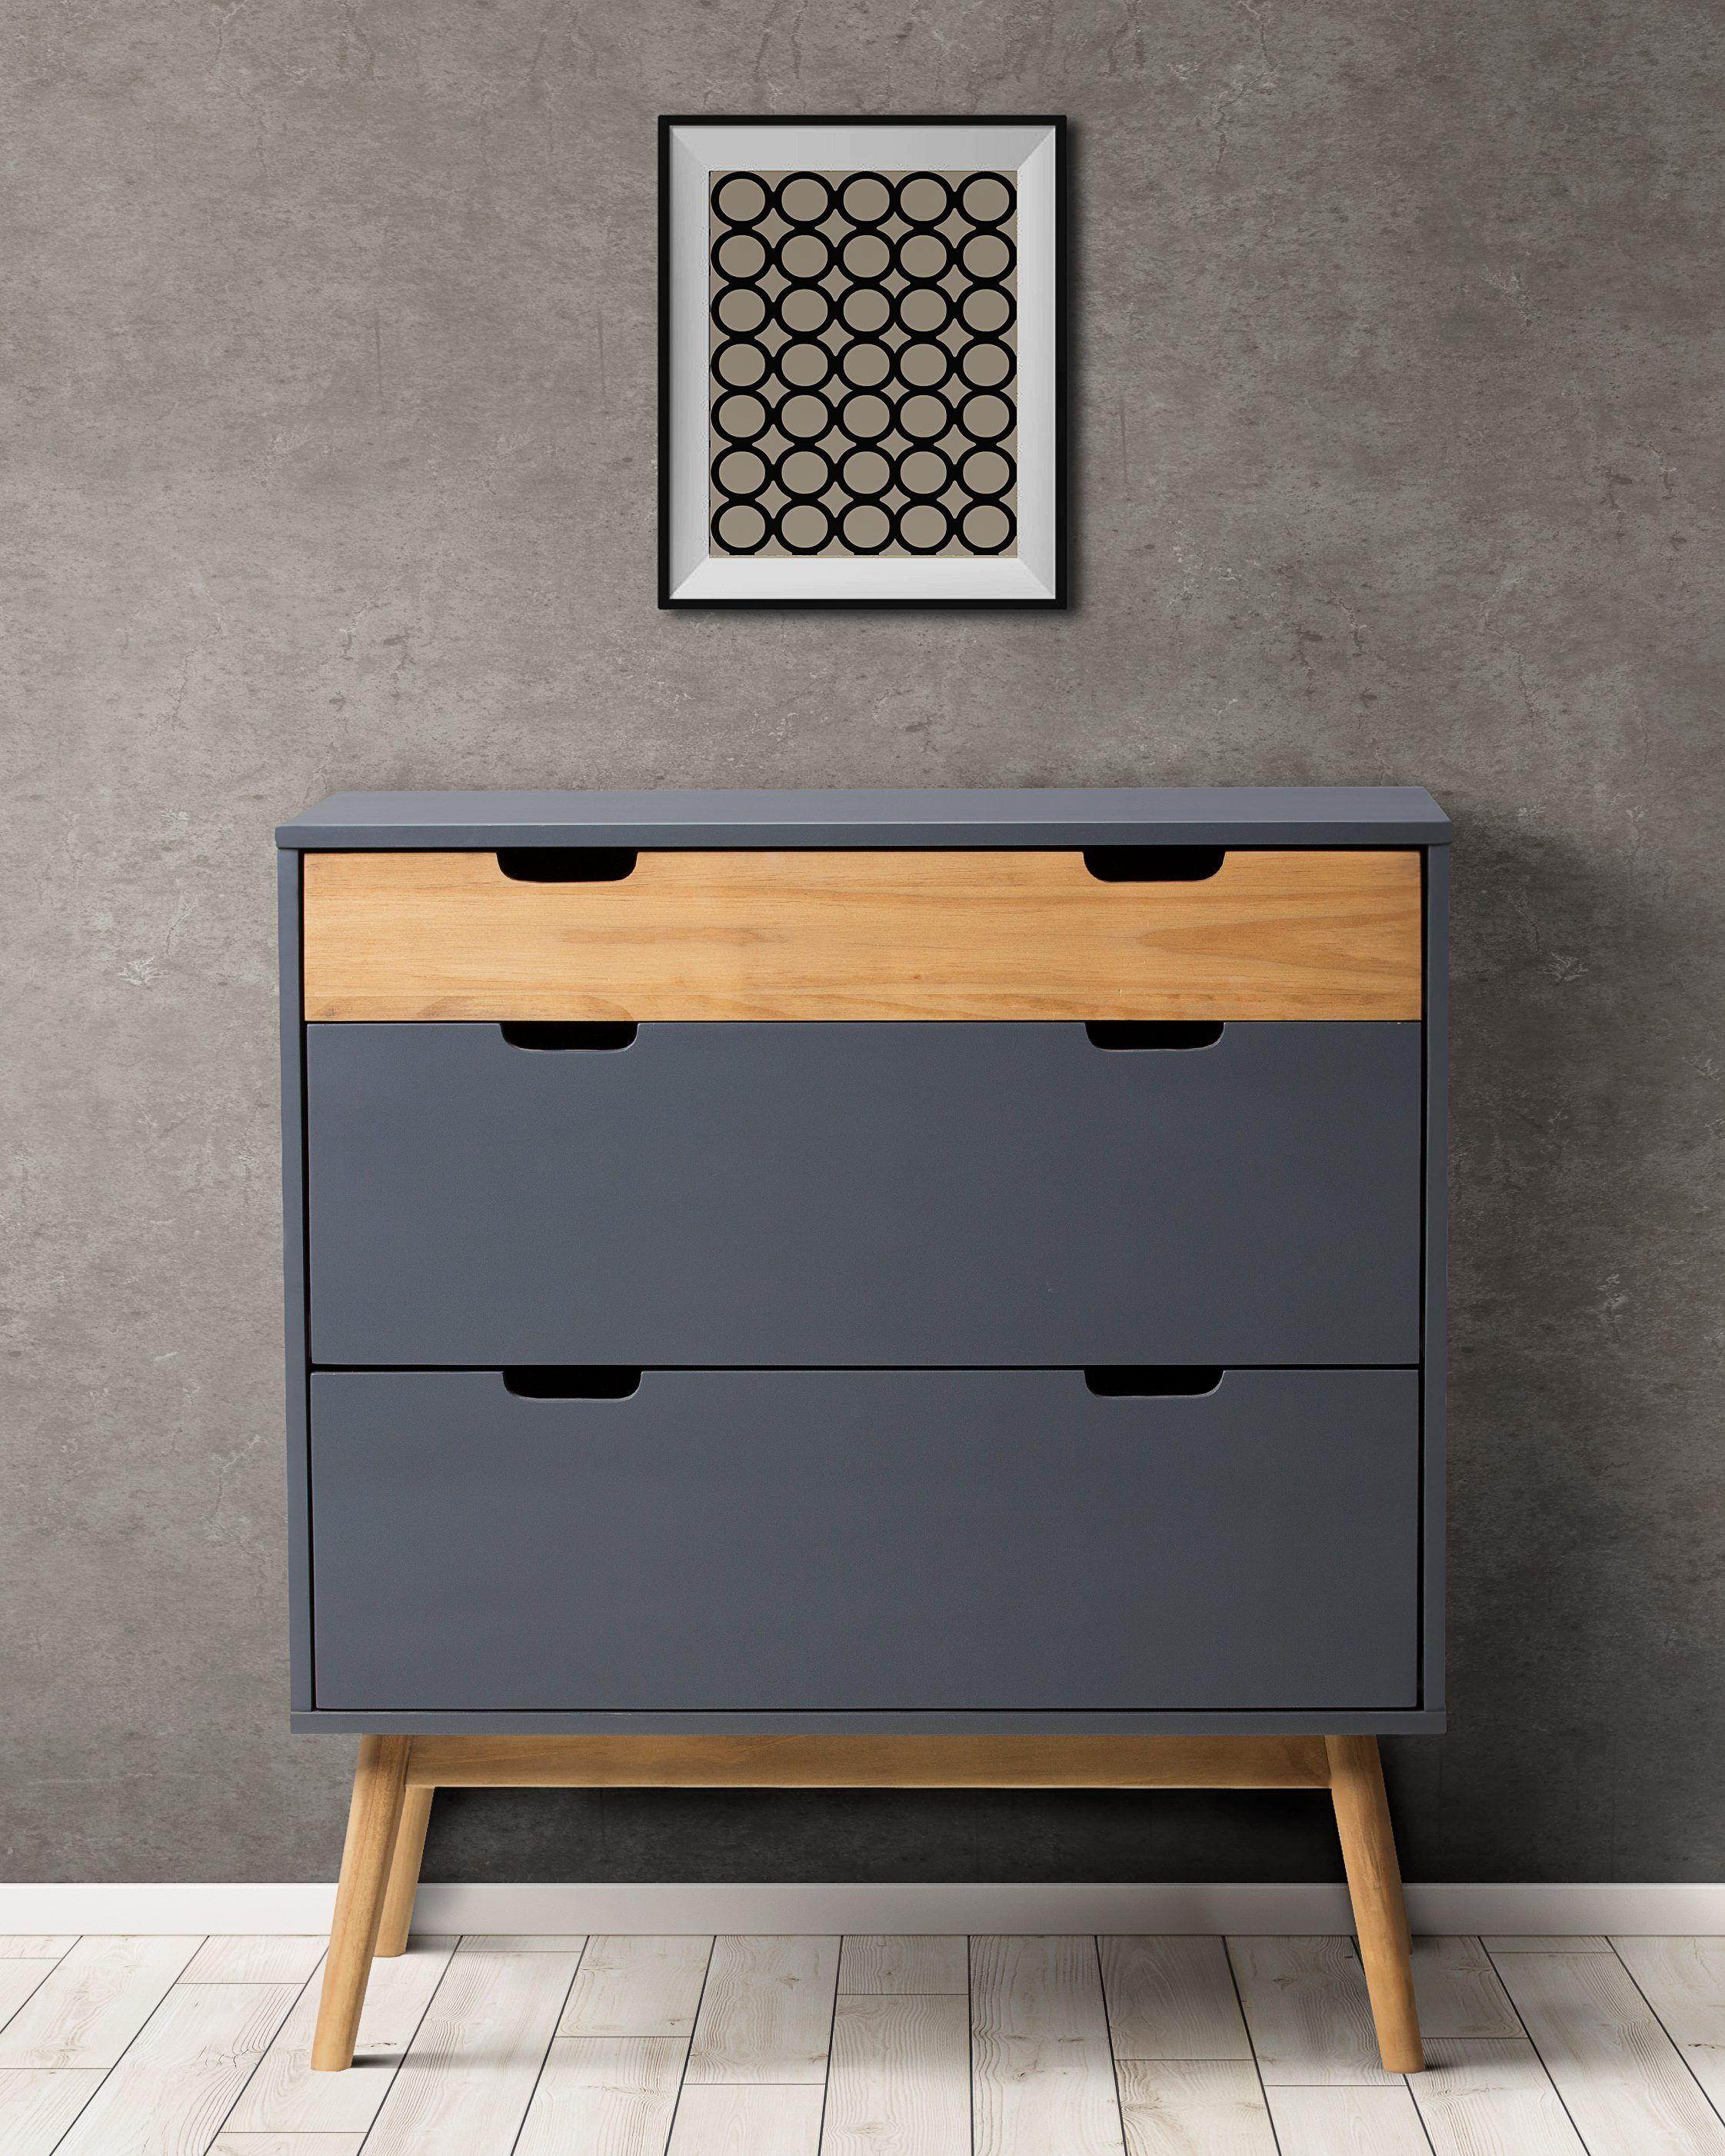 Optez Pour La Commode Maela En Bois Cire Pour Completer L Interieur De Votre Maison Muebles Para Tienda Muebles Para Casa Melamine Muebles